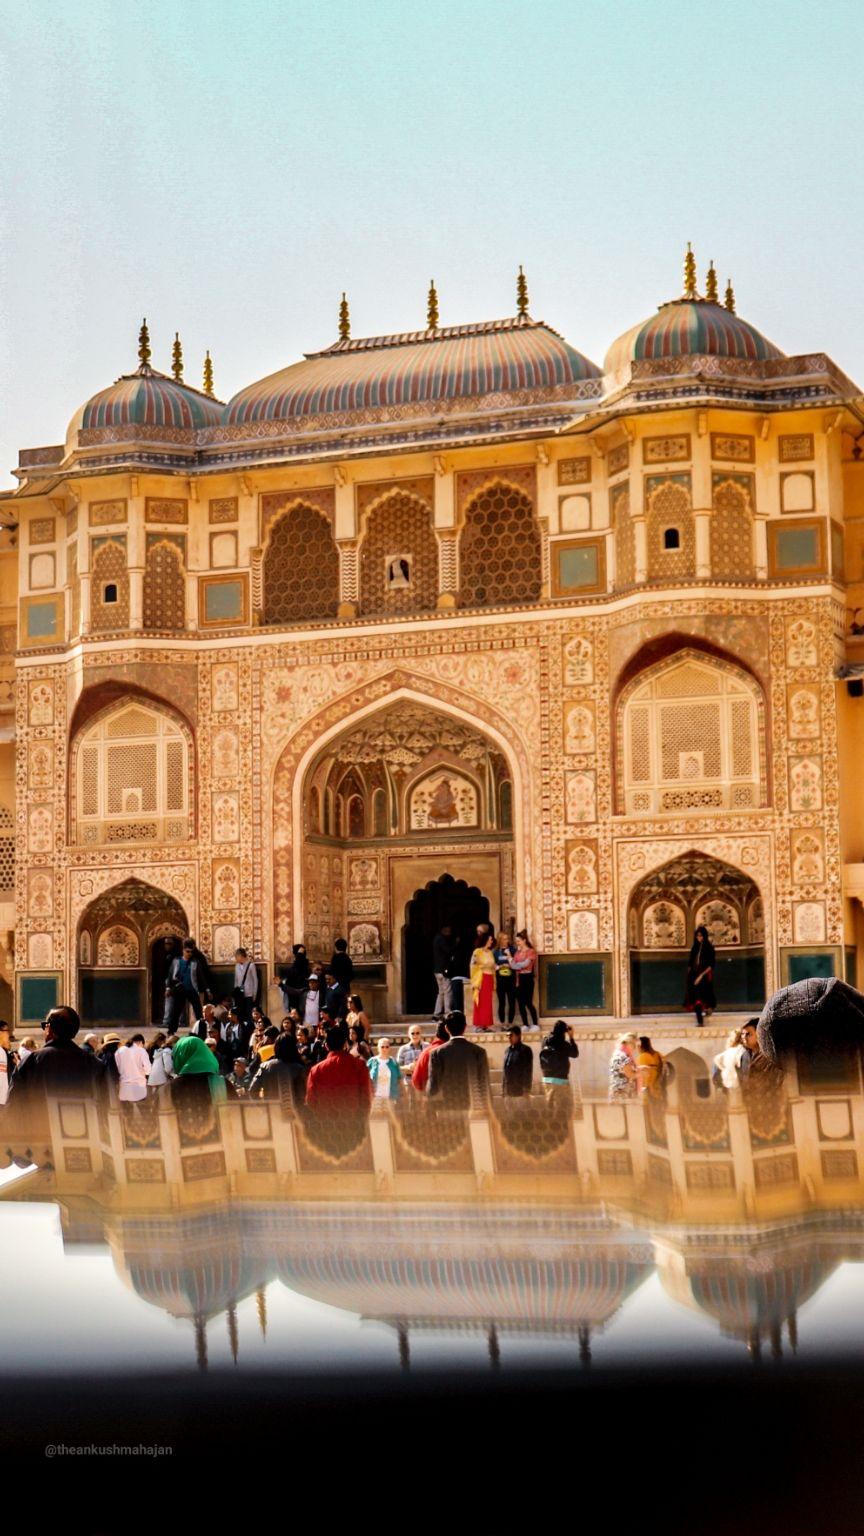 Photo of Jaipur By Ankush Mahajan